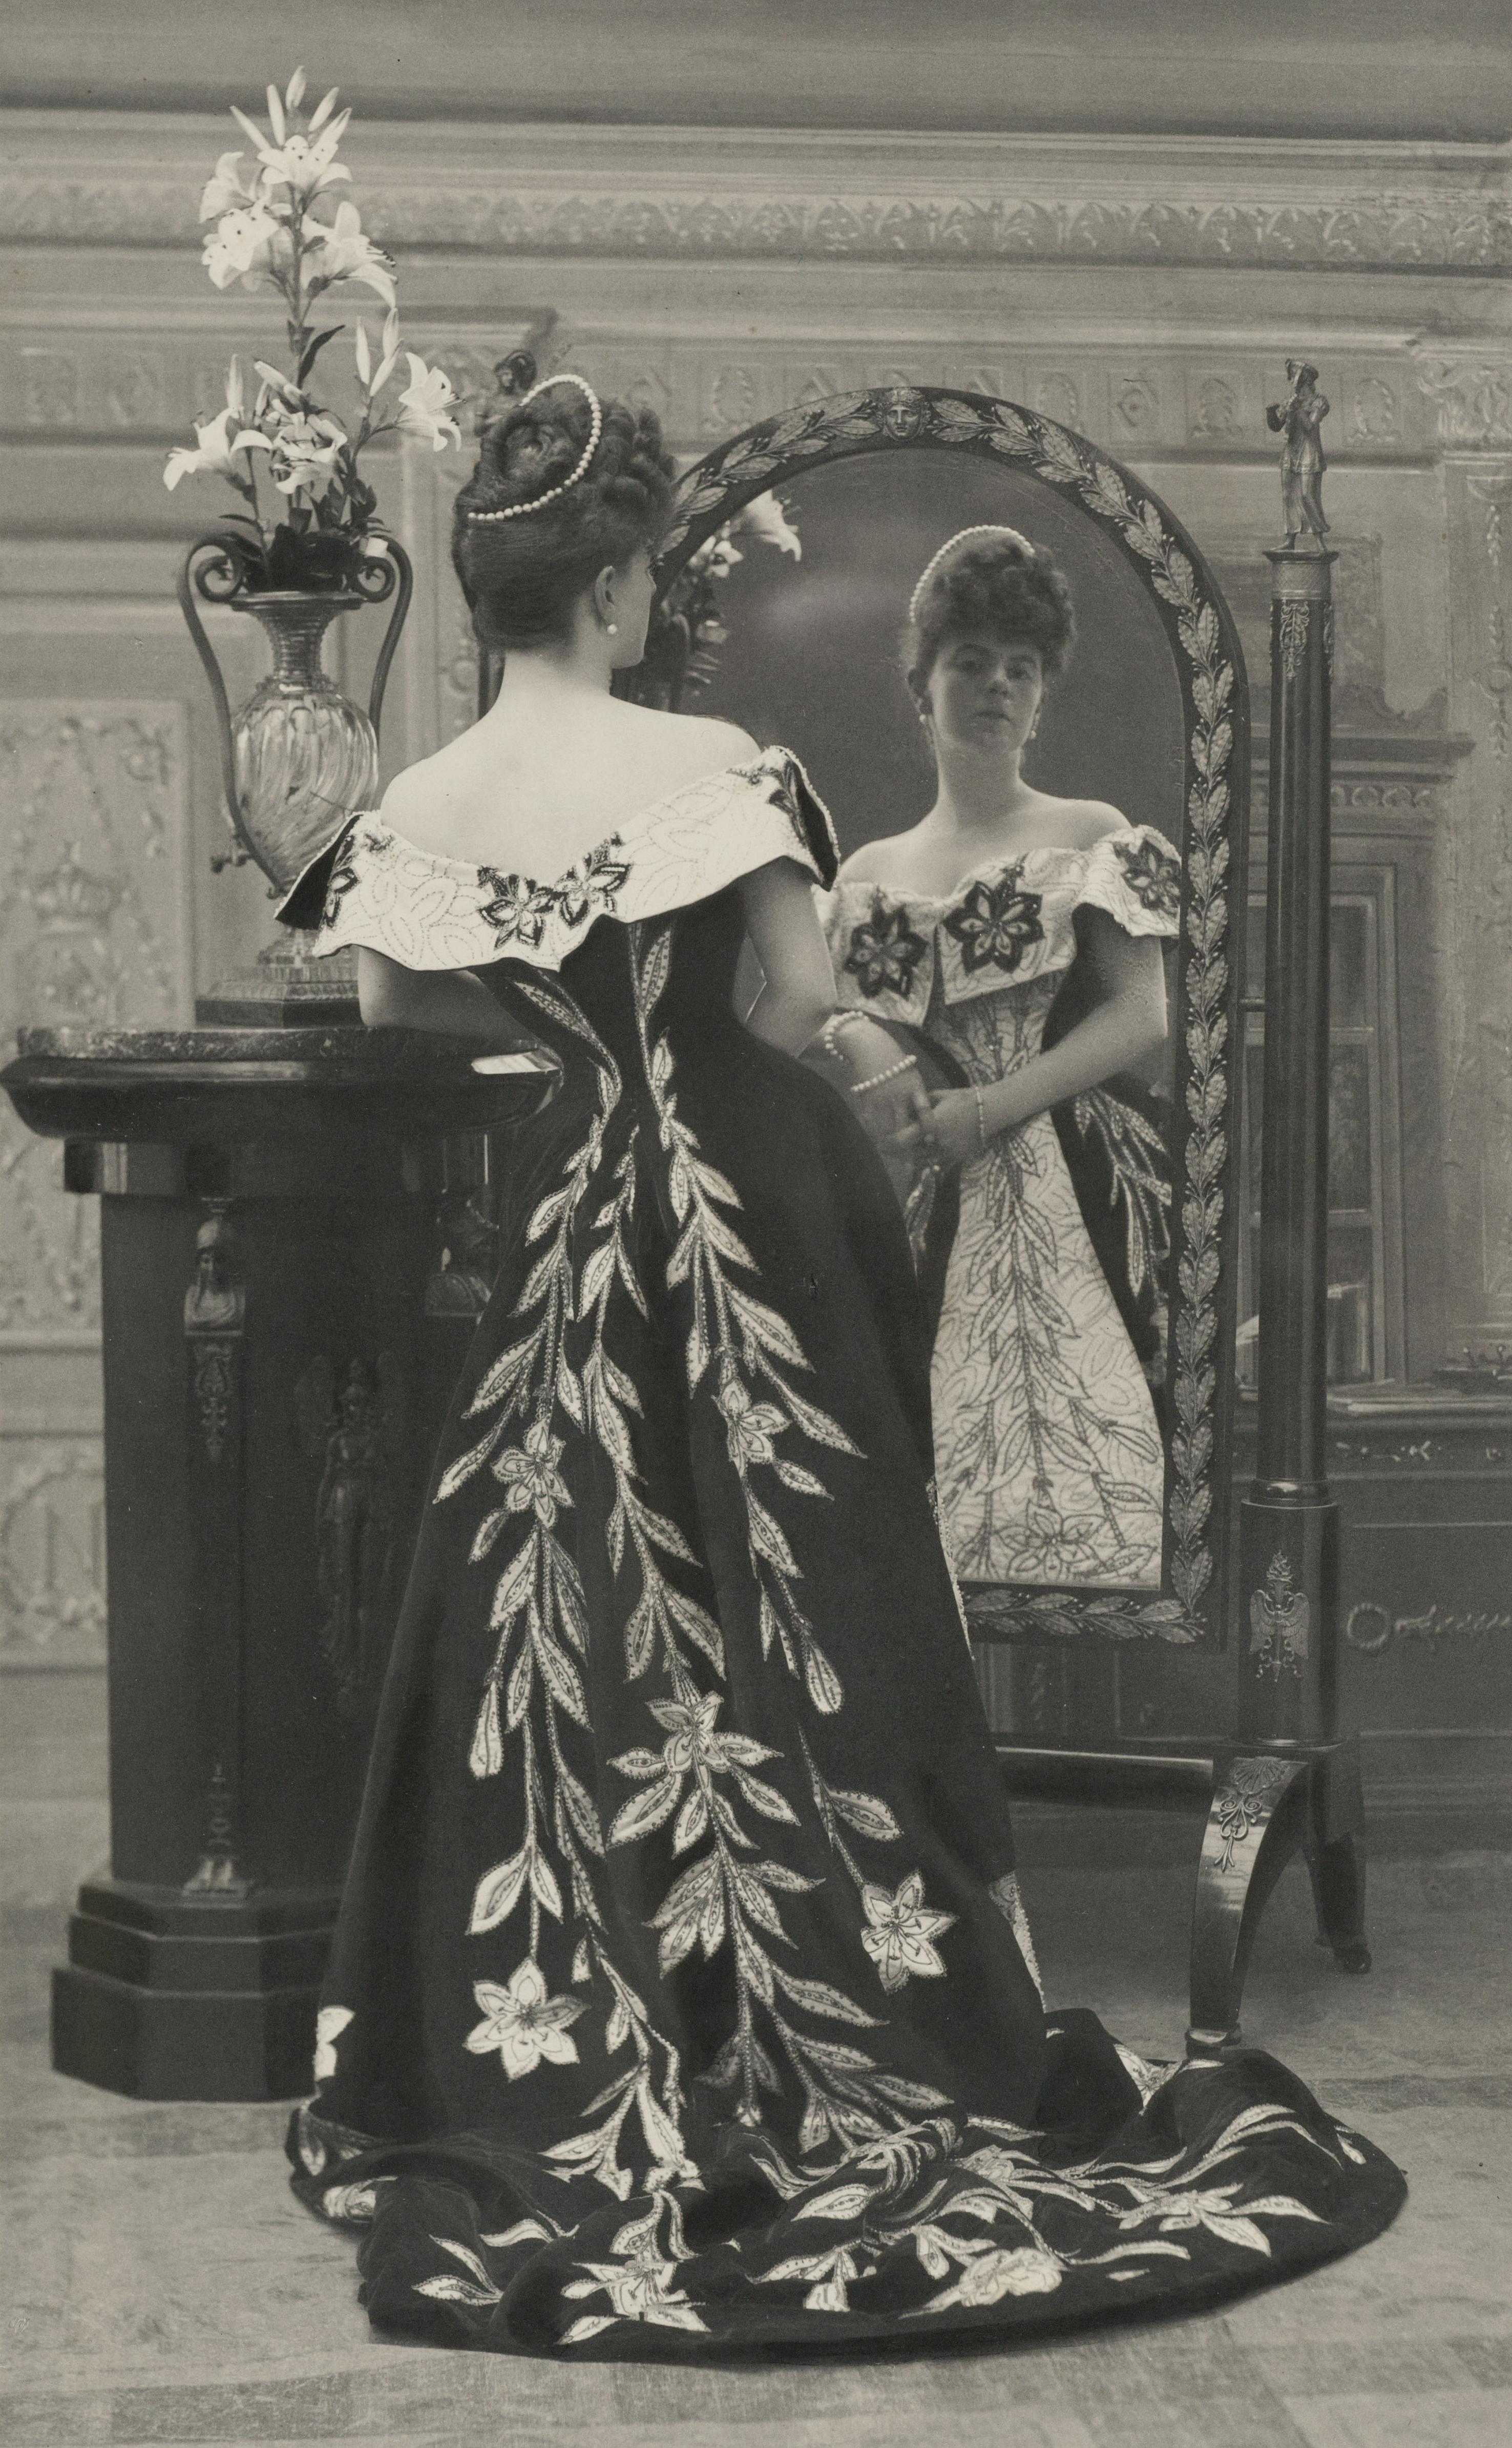 La comtesse Greffulhe, nÈe Elisabeth de Caraman-Chimay (1860-1952), portant la robe aux lis crÈÈe pour elle par la maison Worth